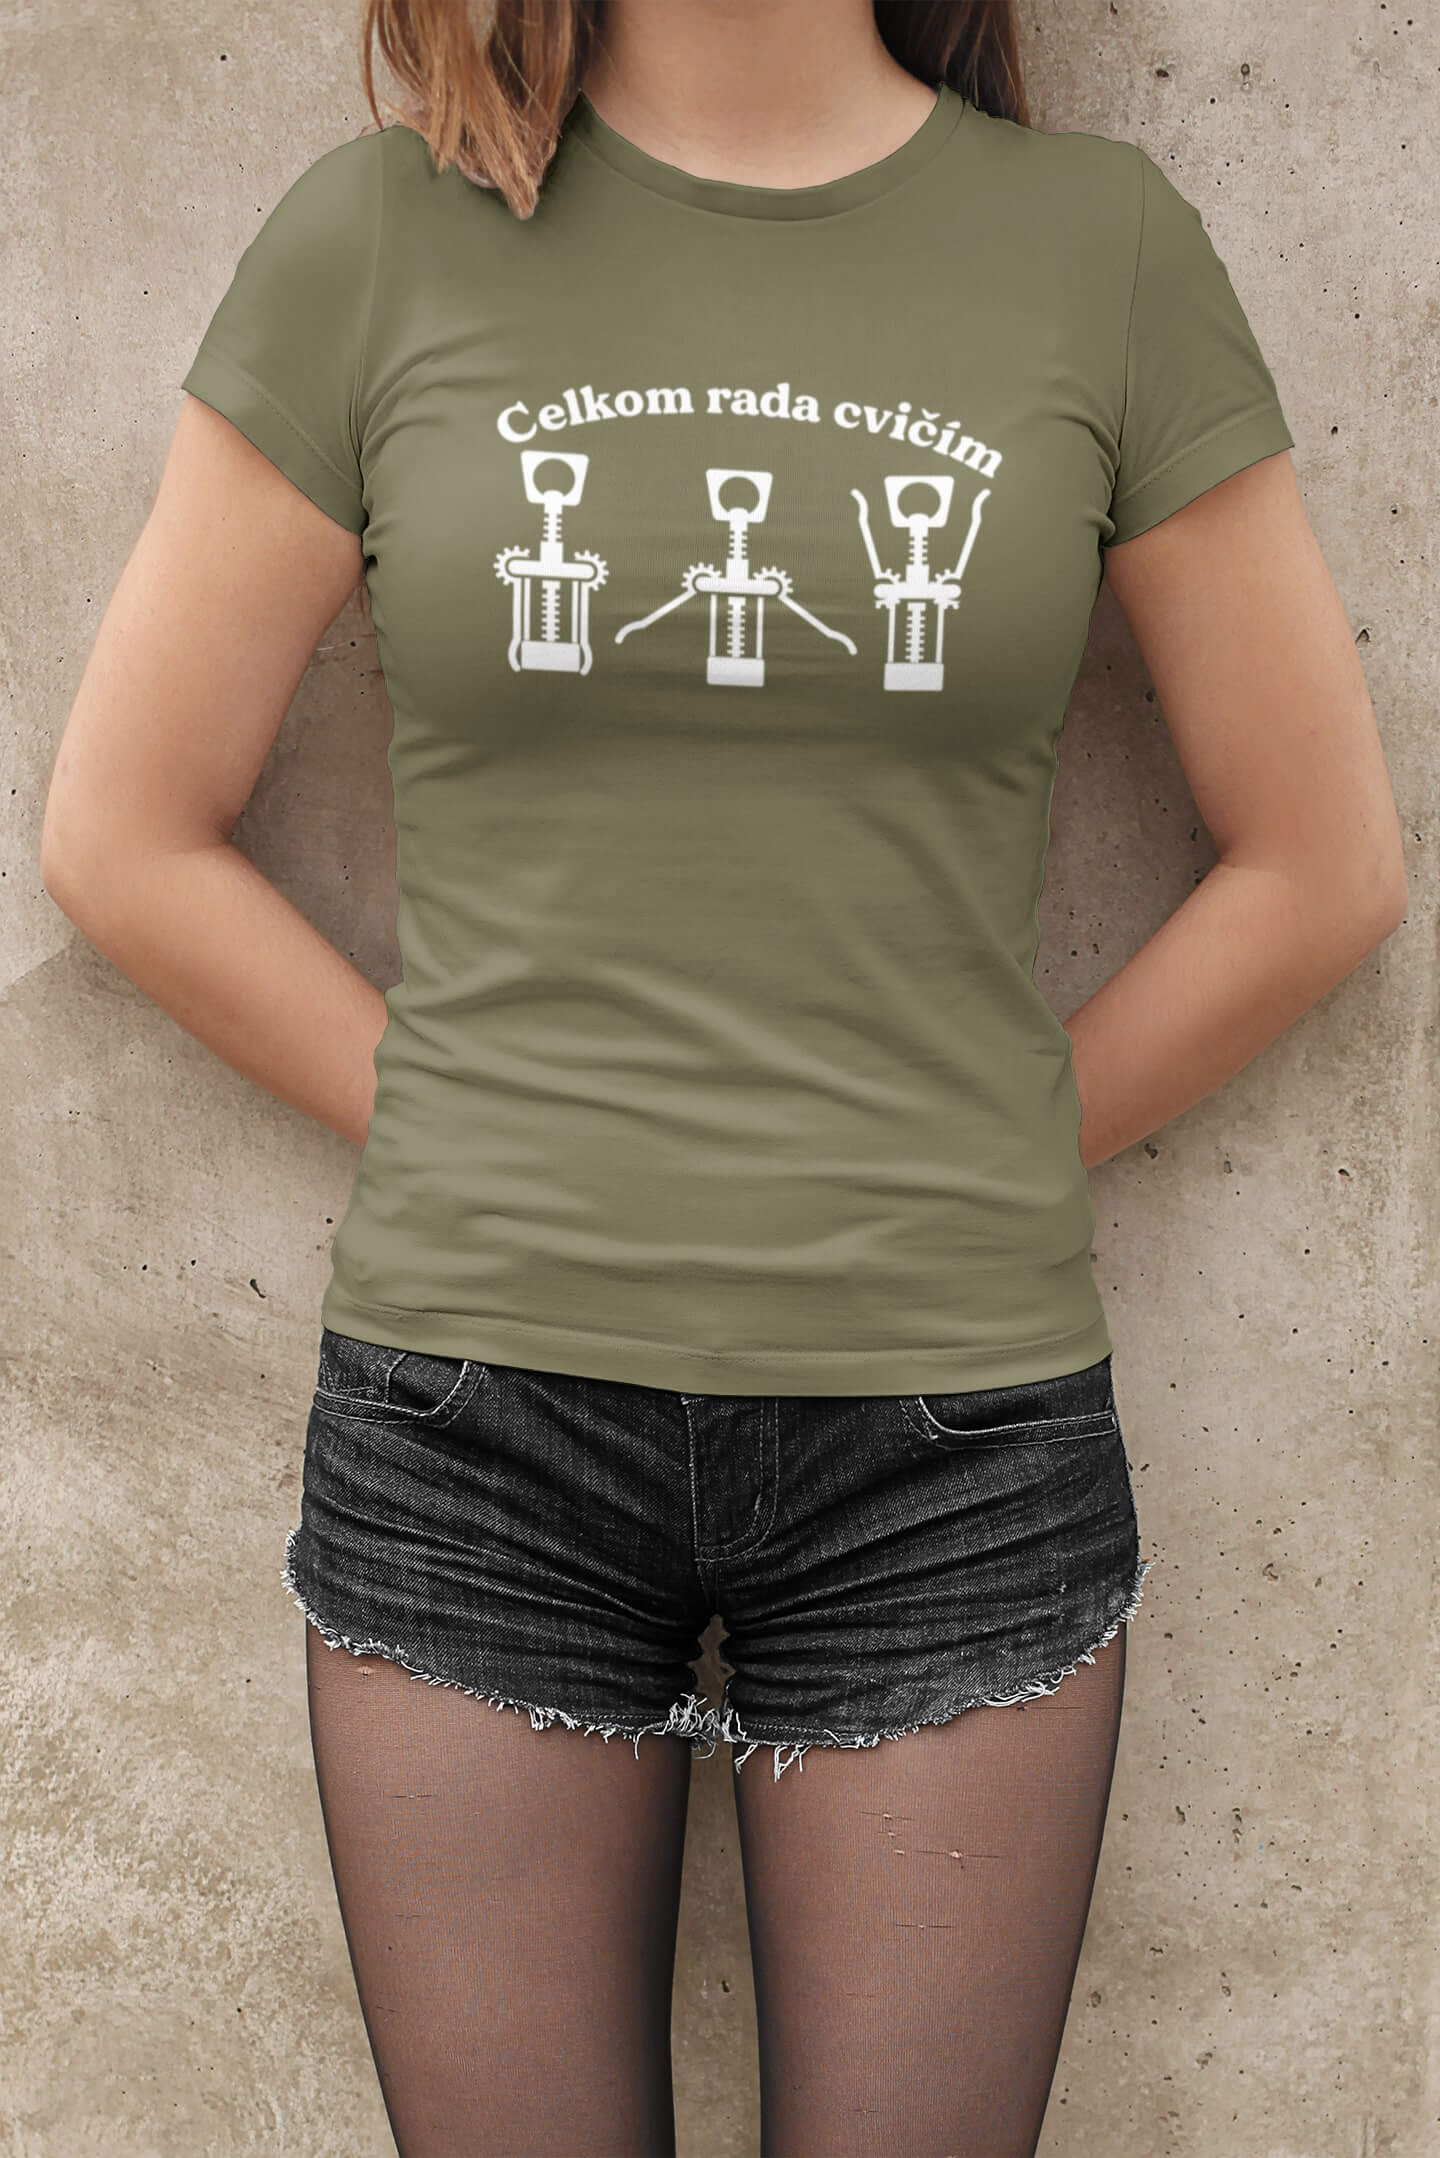 MMO Dámske tričko Celkom rada cvičím Vyberte farbu: Svetlá khaki, Vyberte veľkosť: XS